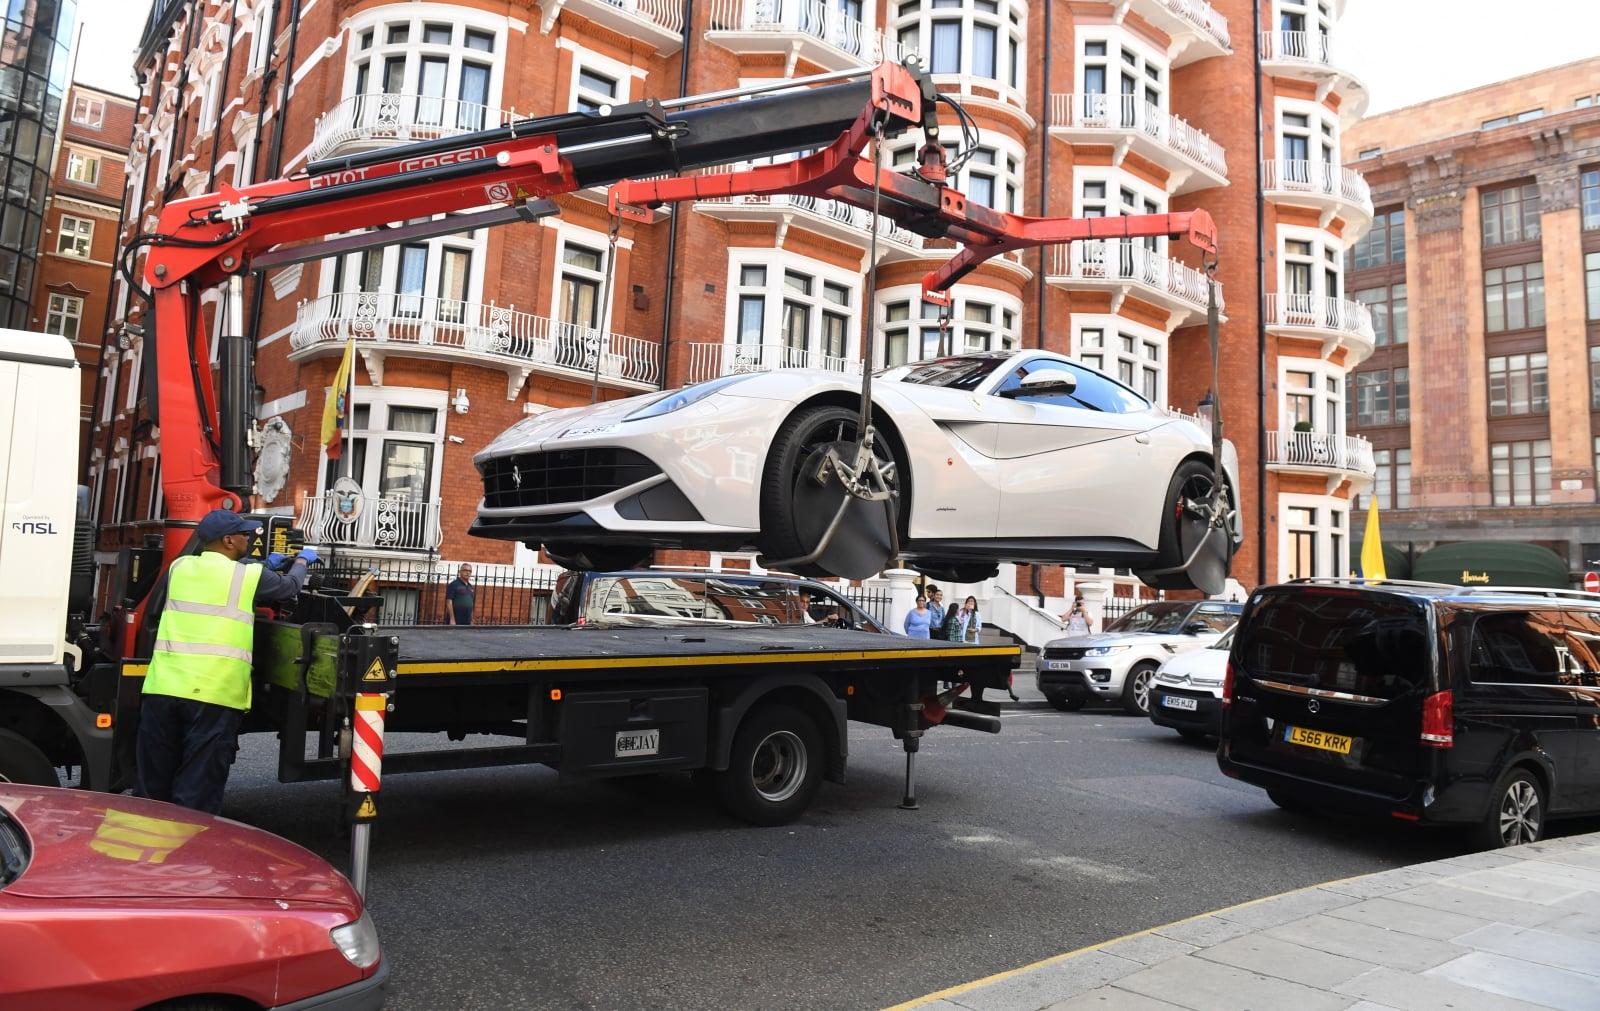 Sezon Super Samochodów w Londynie rozpoczęty! EPA/FACUNDO ARRIZABALAGA